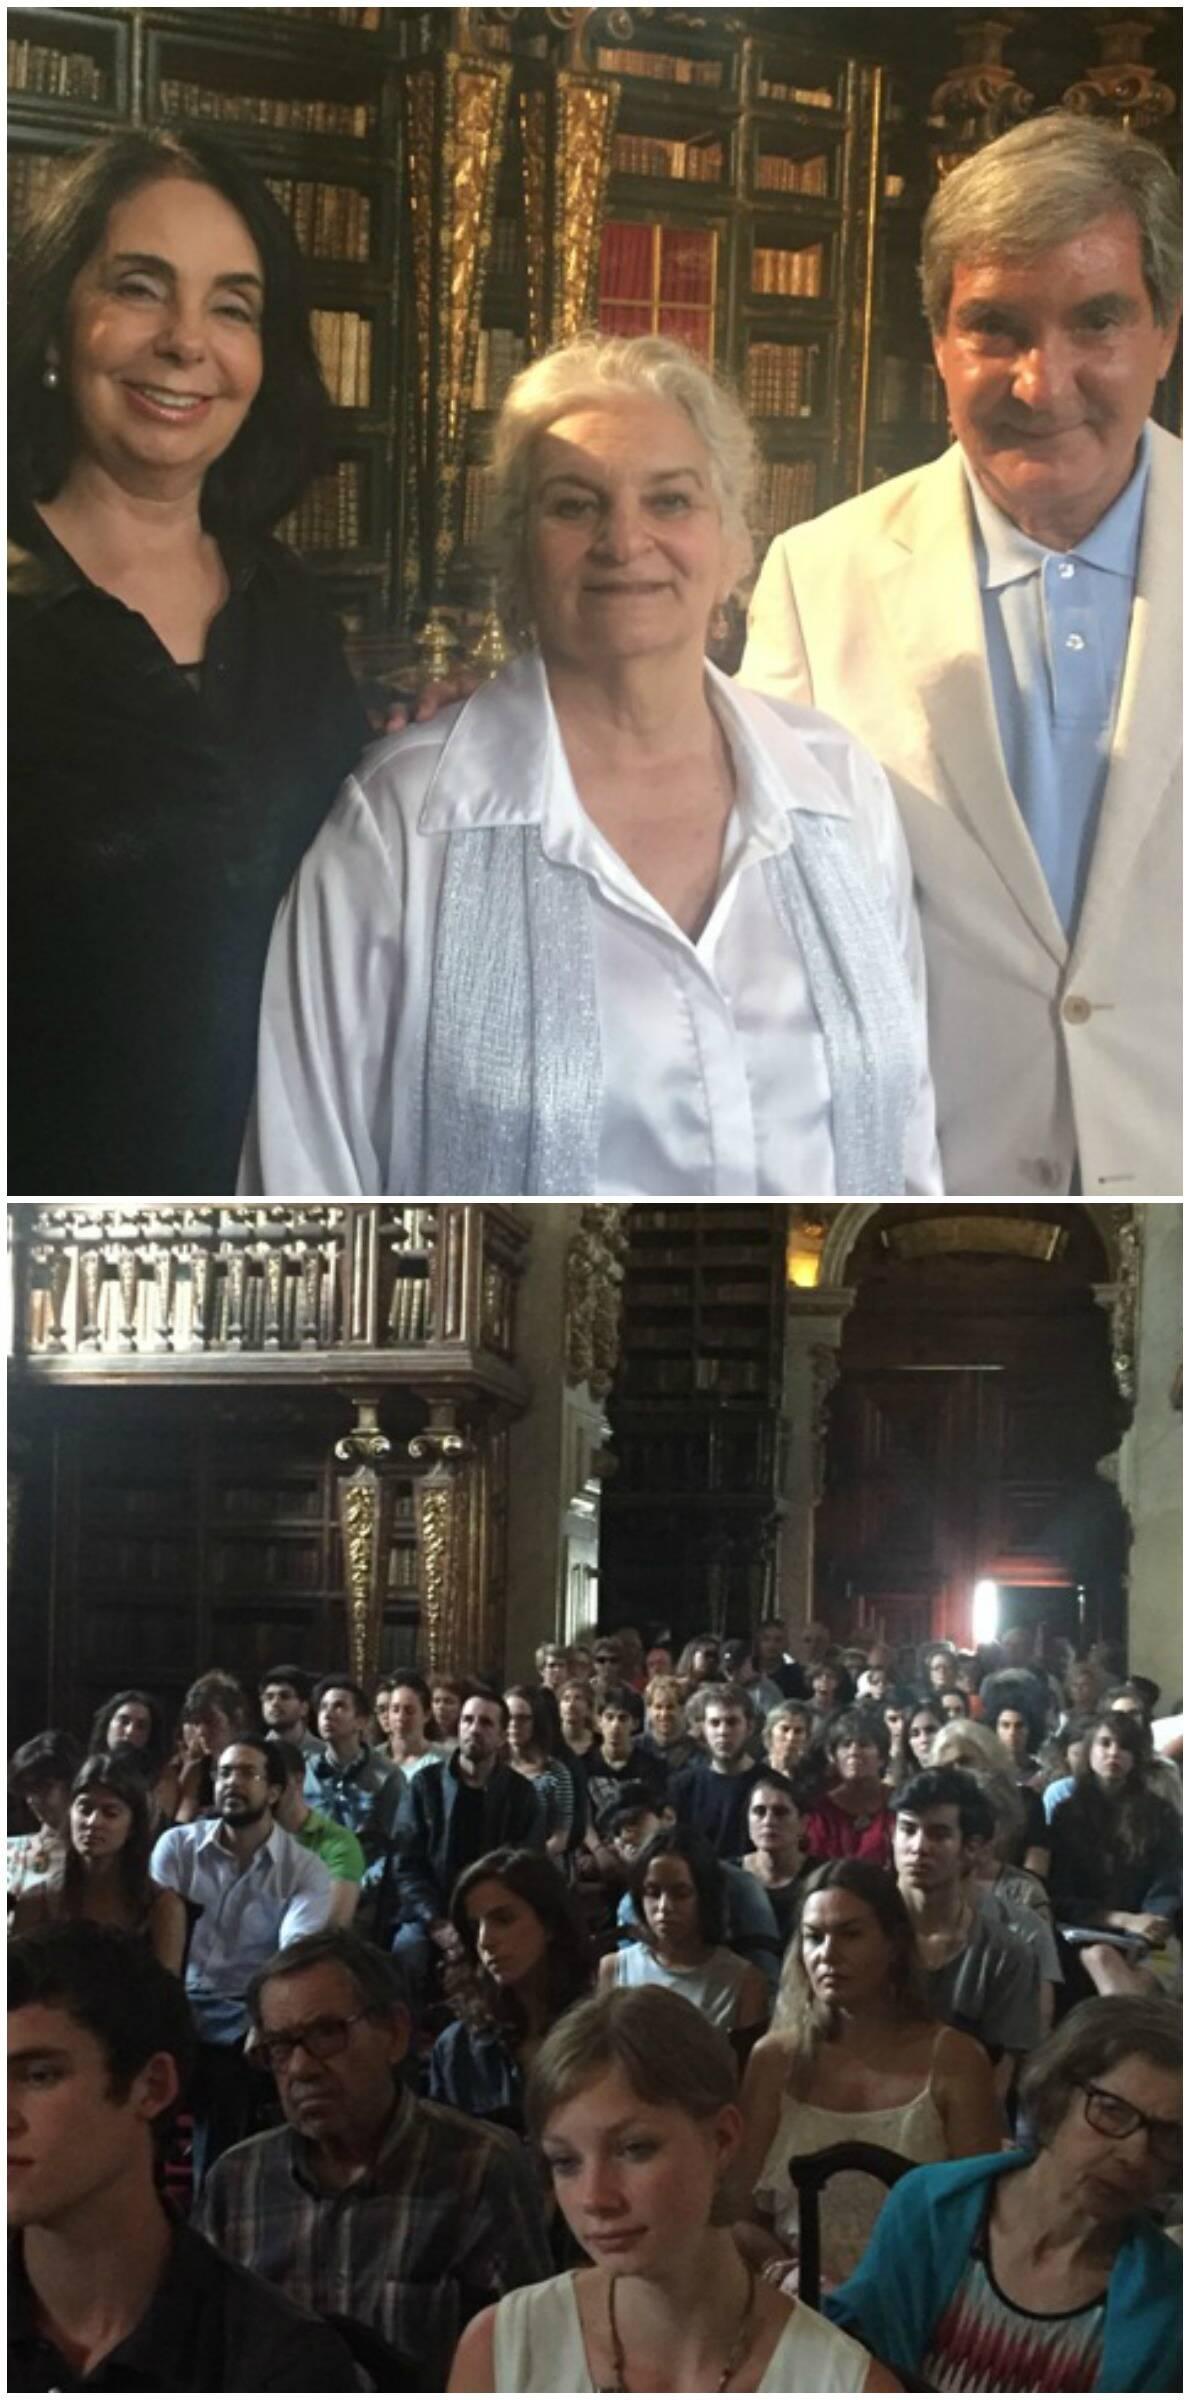 No alto, Maria Ignez e Sergio Costa e Silva com a pianista Ana Maria Brandão, no centro; acima, o salão lotado da biblioteca de Coimbra, no recital desta quinta-feira (09/06) / Fotos: divulgação